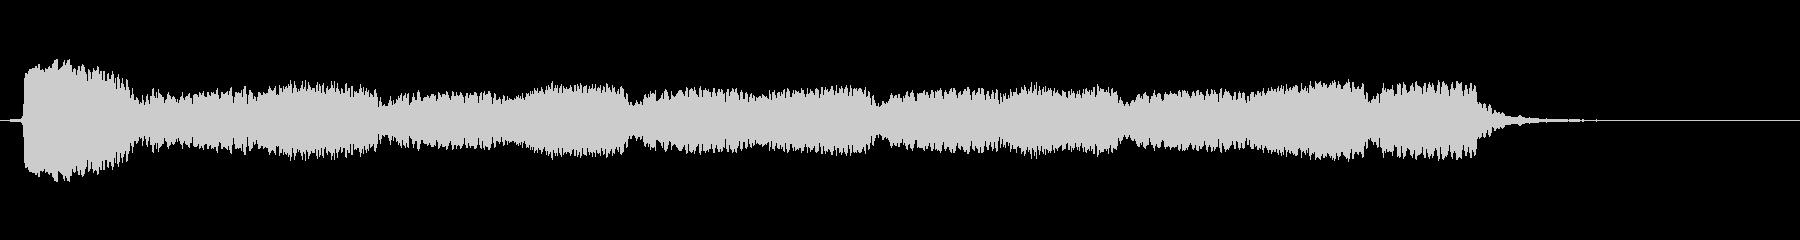 1985ドイツ救急車:音響ホーンサイレンの未再生の波形